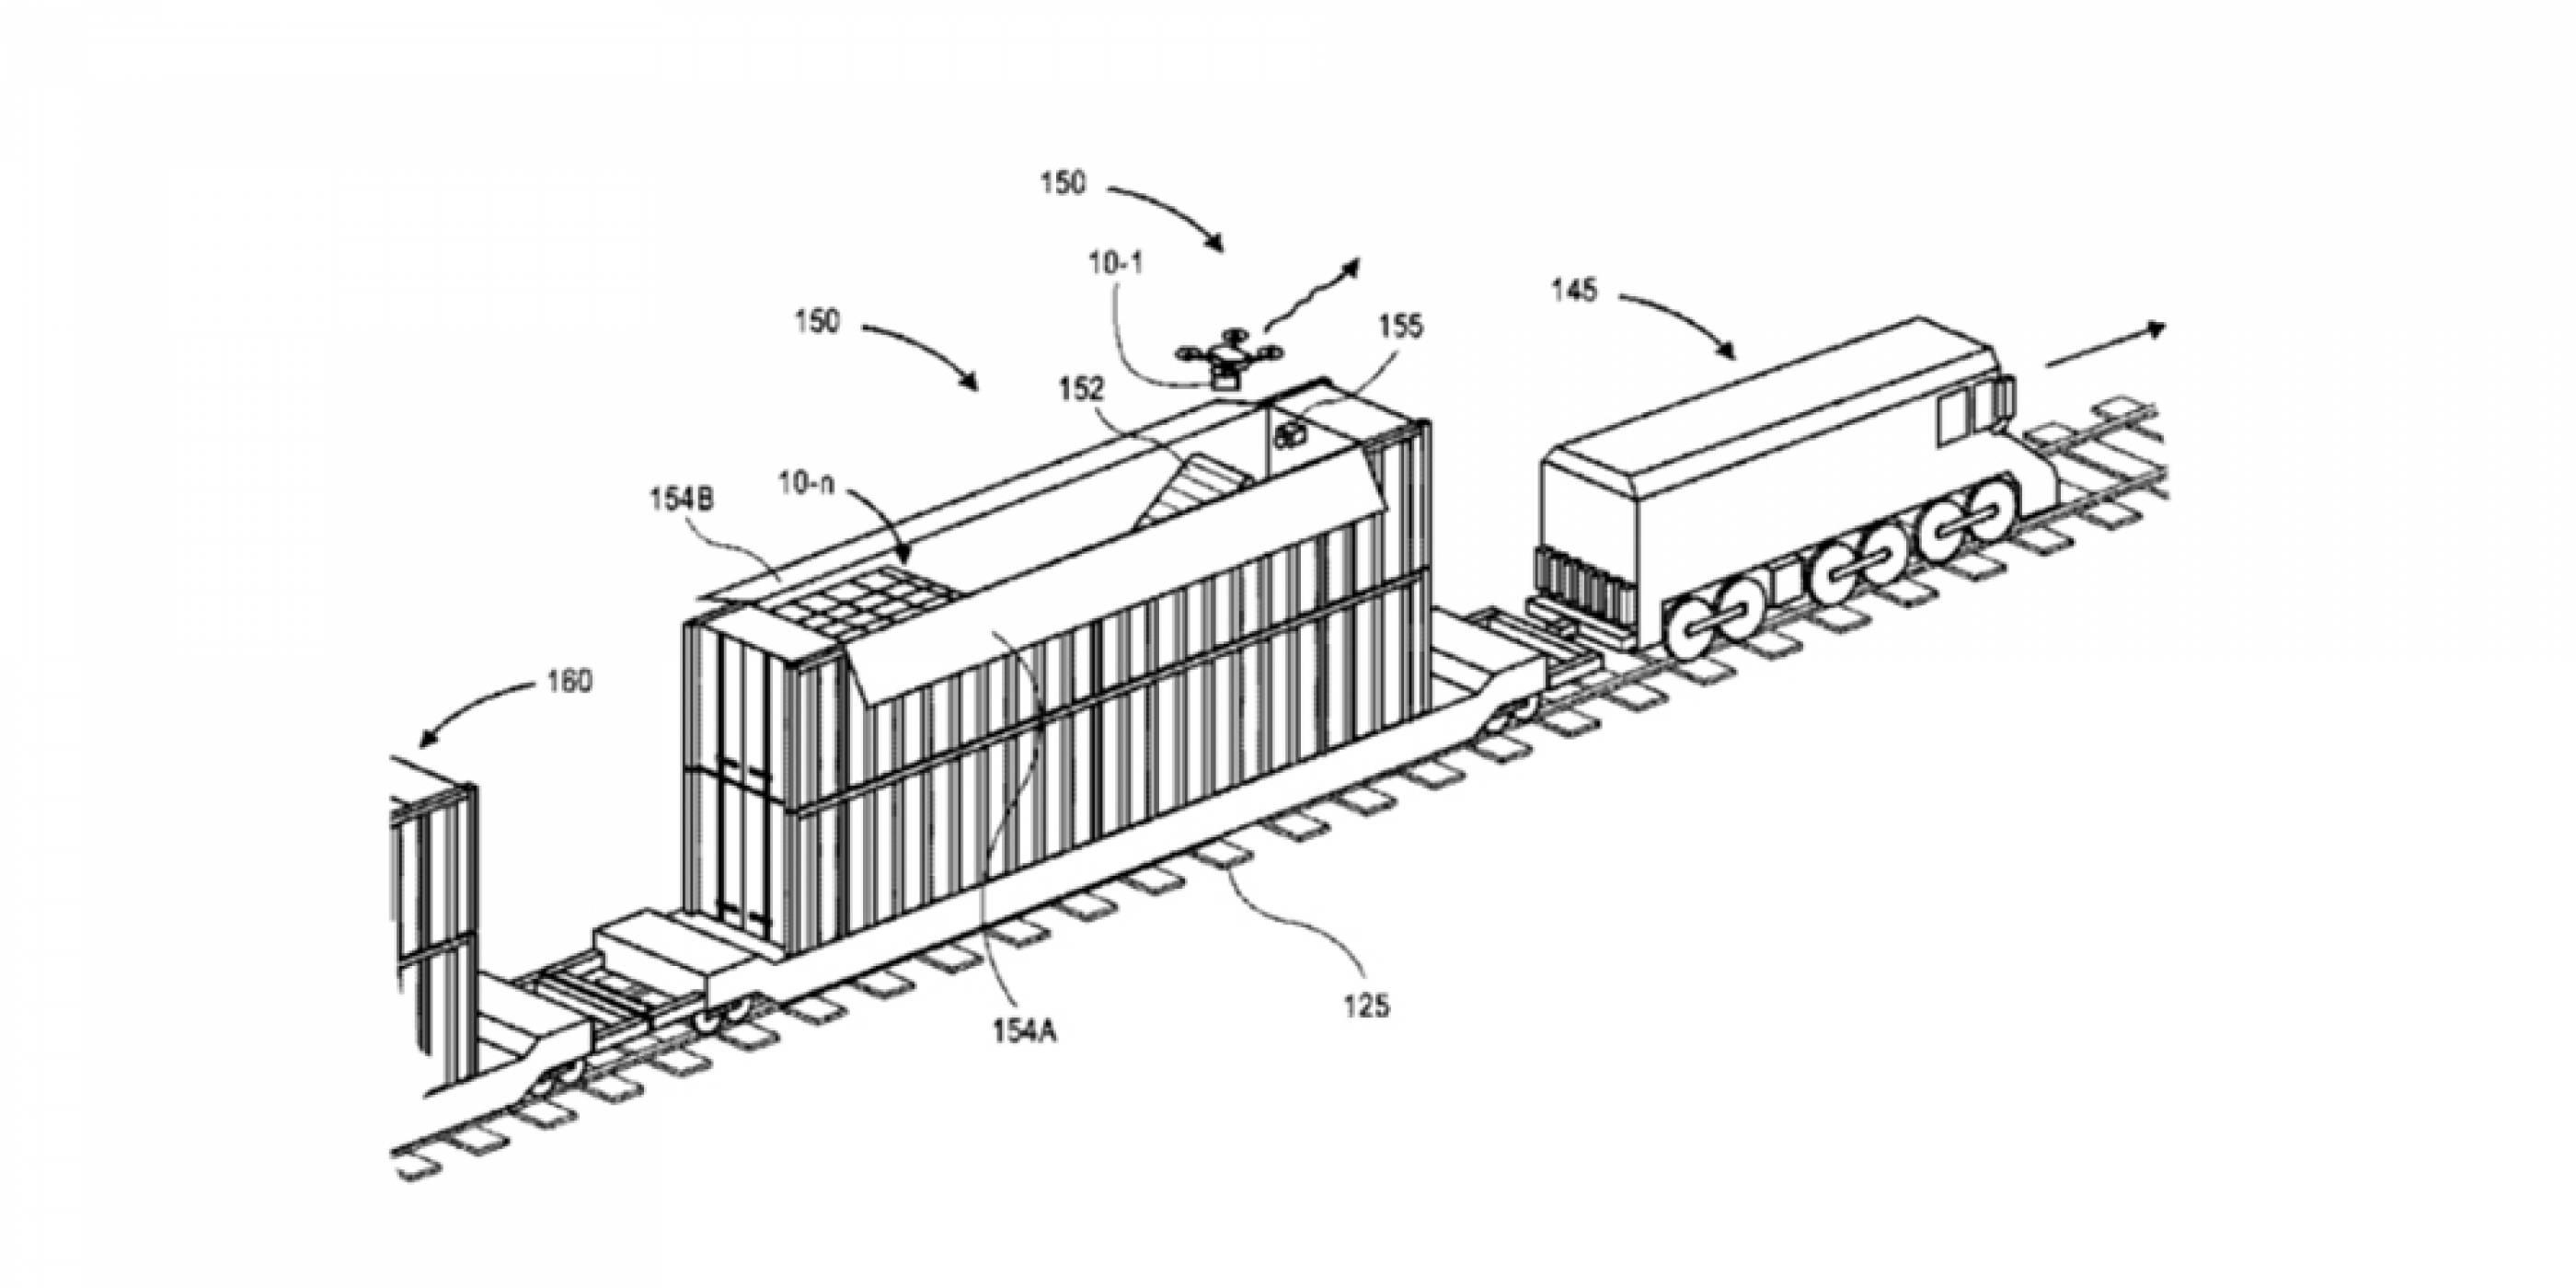 Amazon със заявка за патент за доставки на стоки с дронове и съпътстващи превозни средства за тях